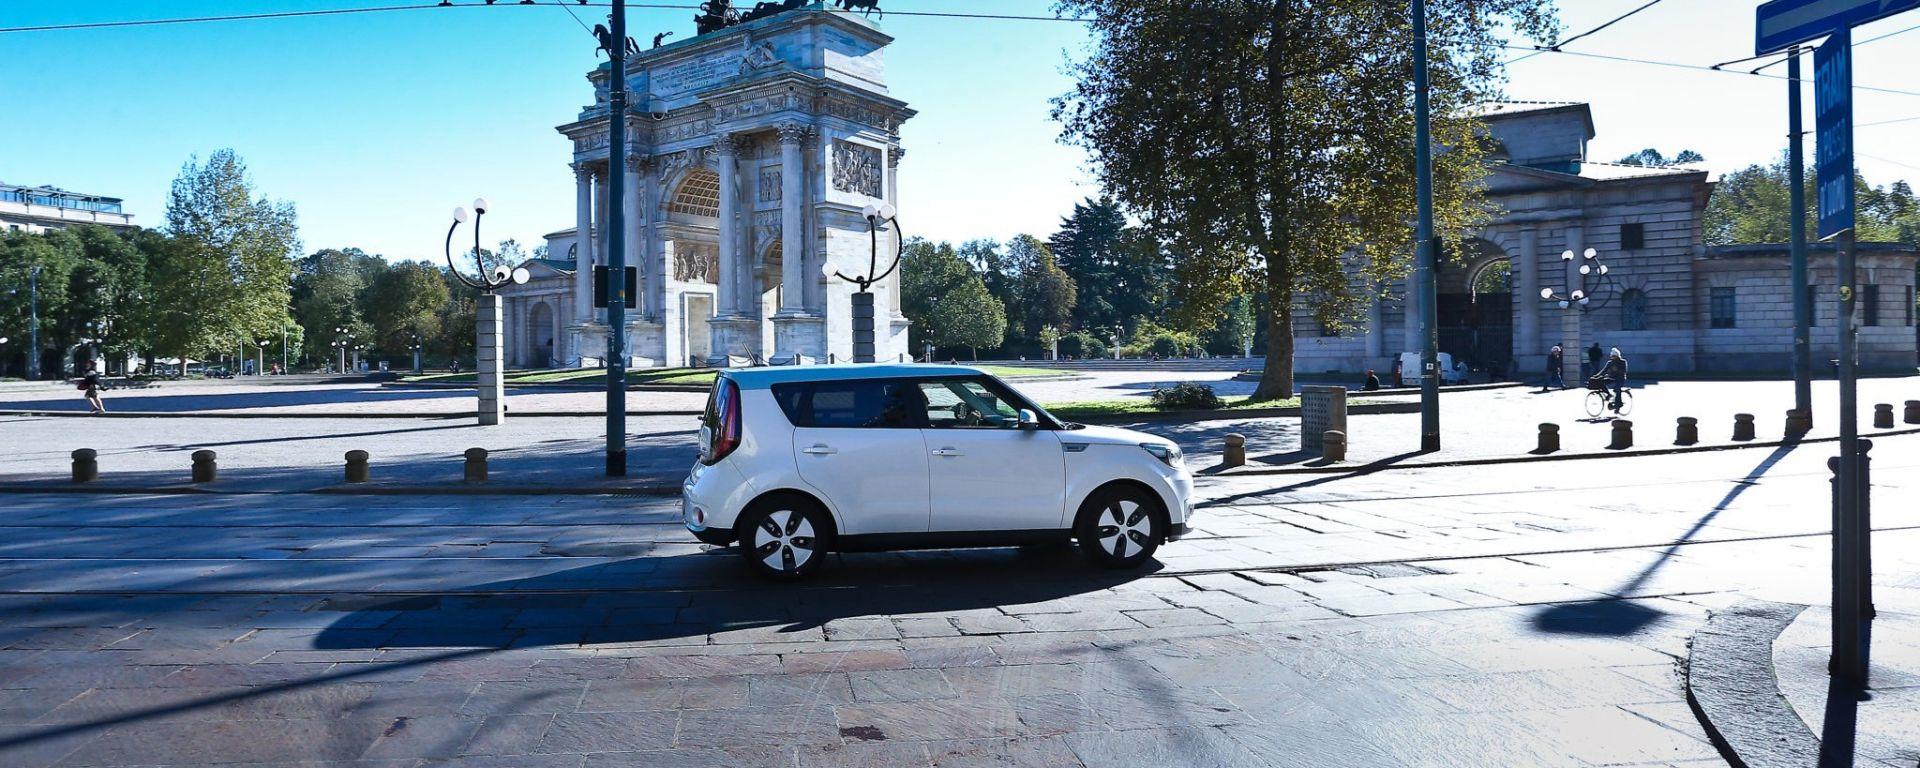 Auto elettrica, Milano si prepara ad ospitare 1.000 punti di ricarica